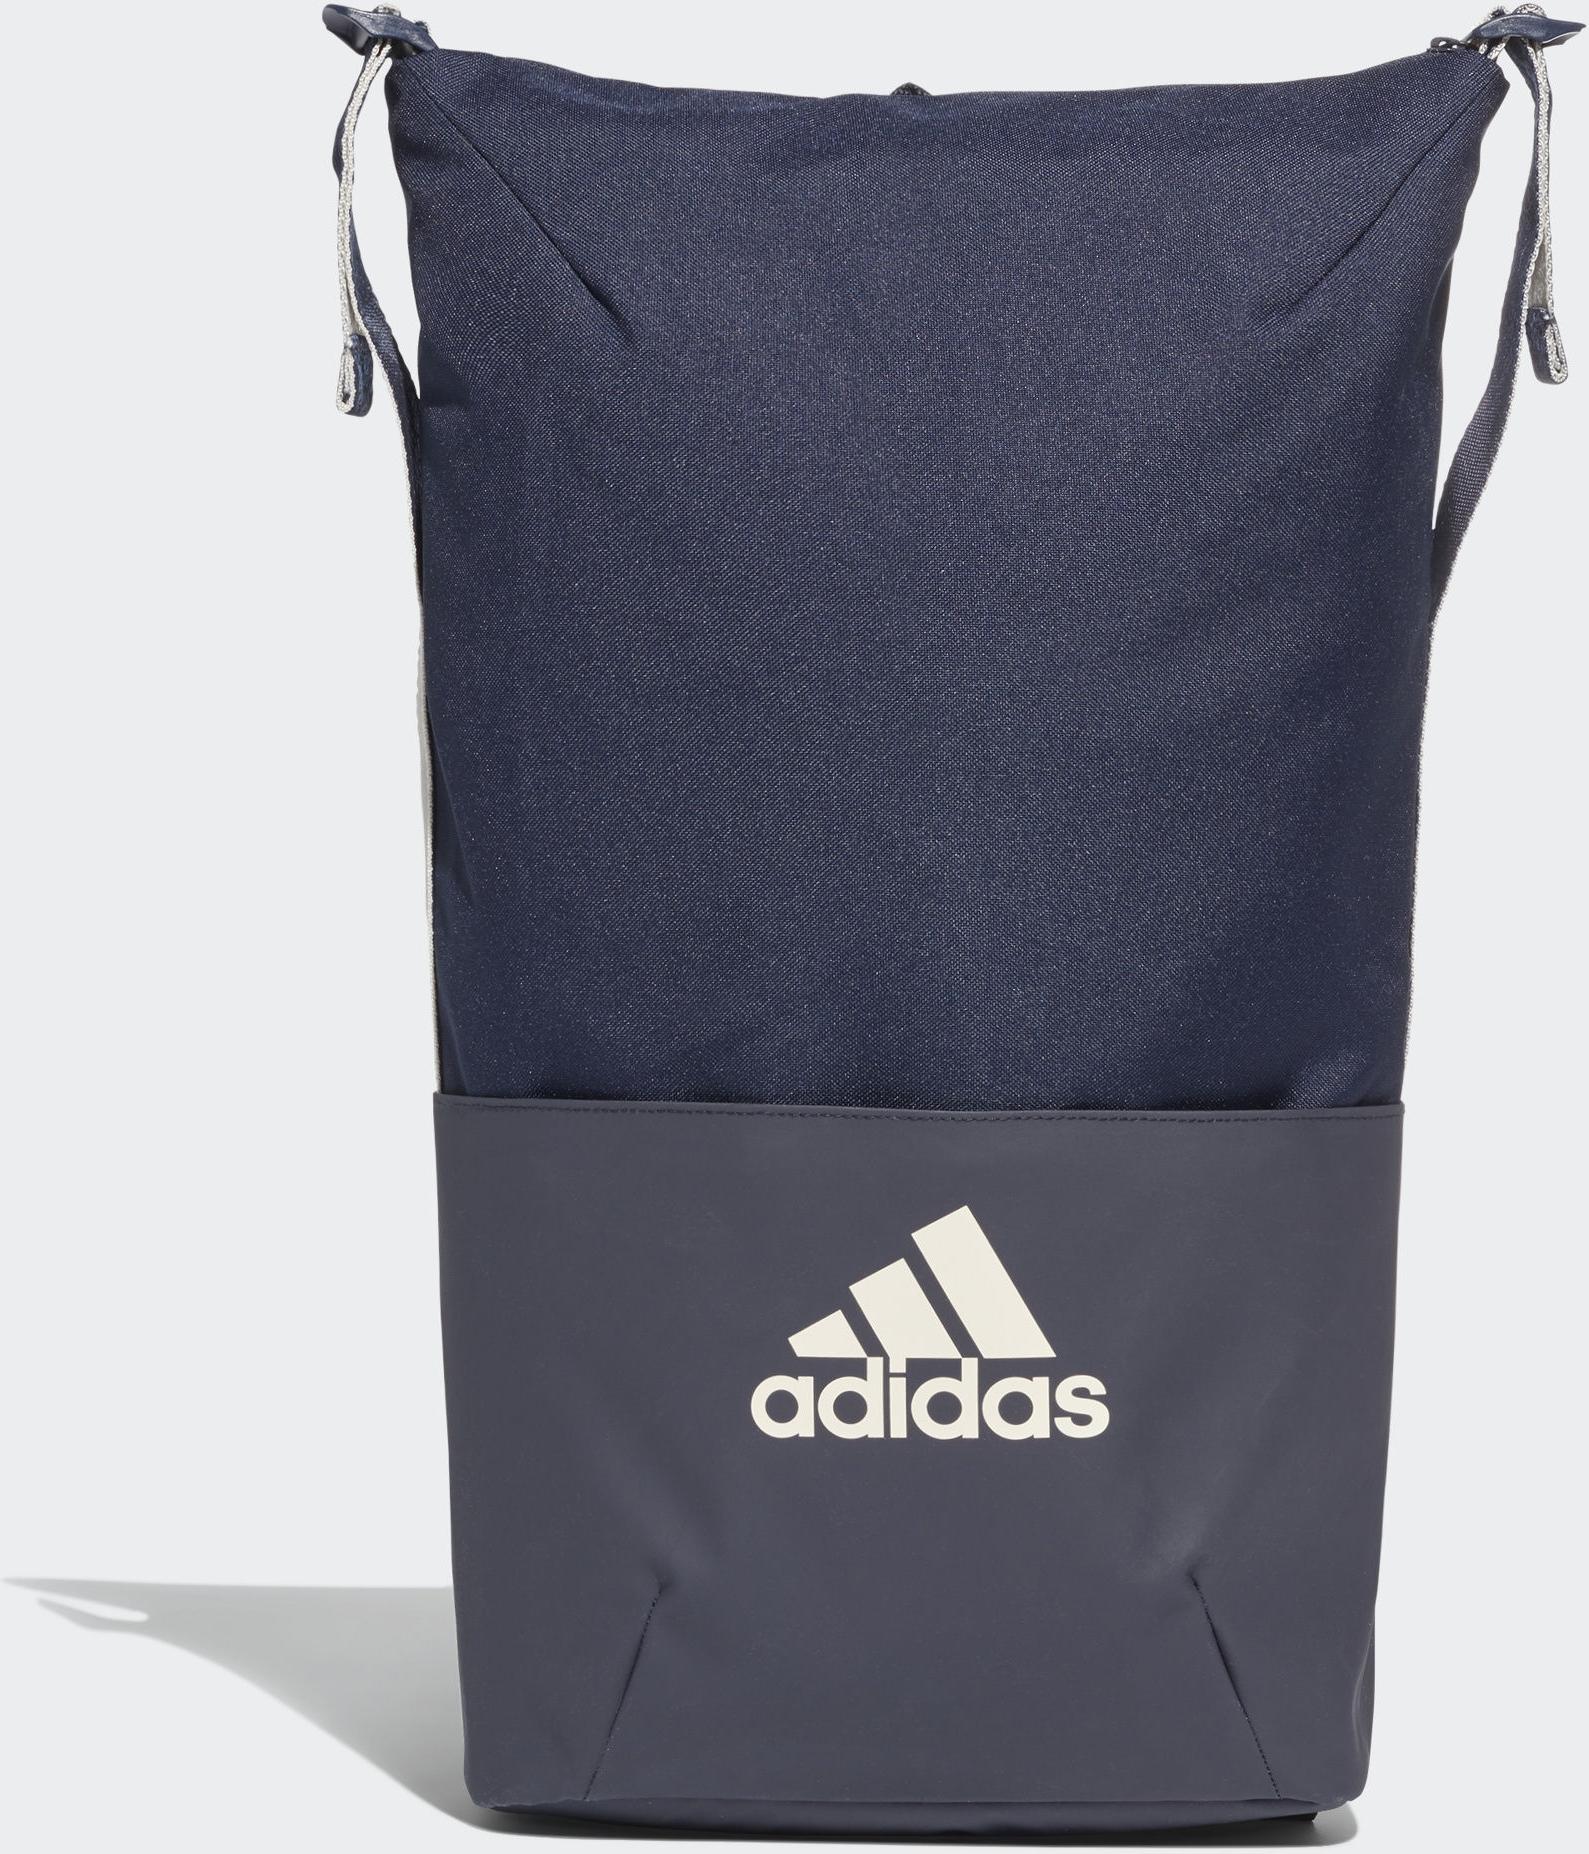 Рюкзак Adidas Zne Core, цвет: синий. DT5084 рюкзак спортивный adidas цвет черный cf9007